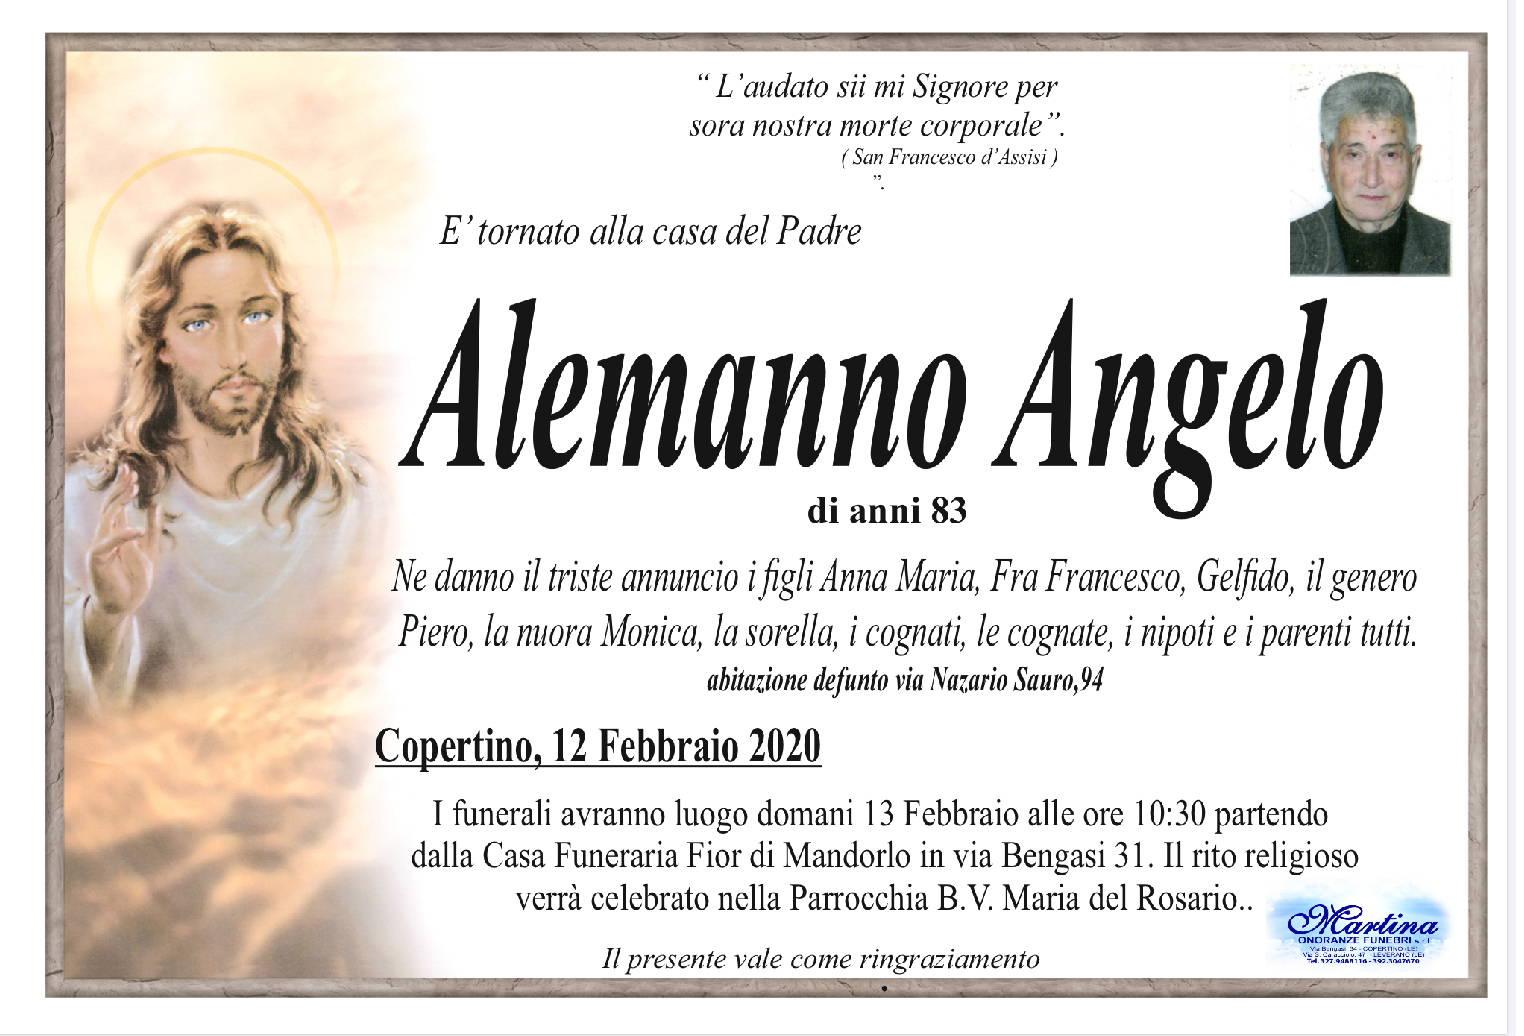 Angelo Alemanno